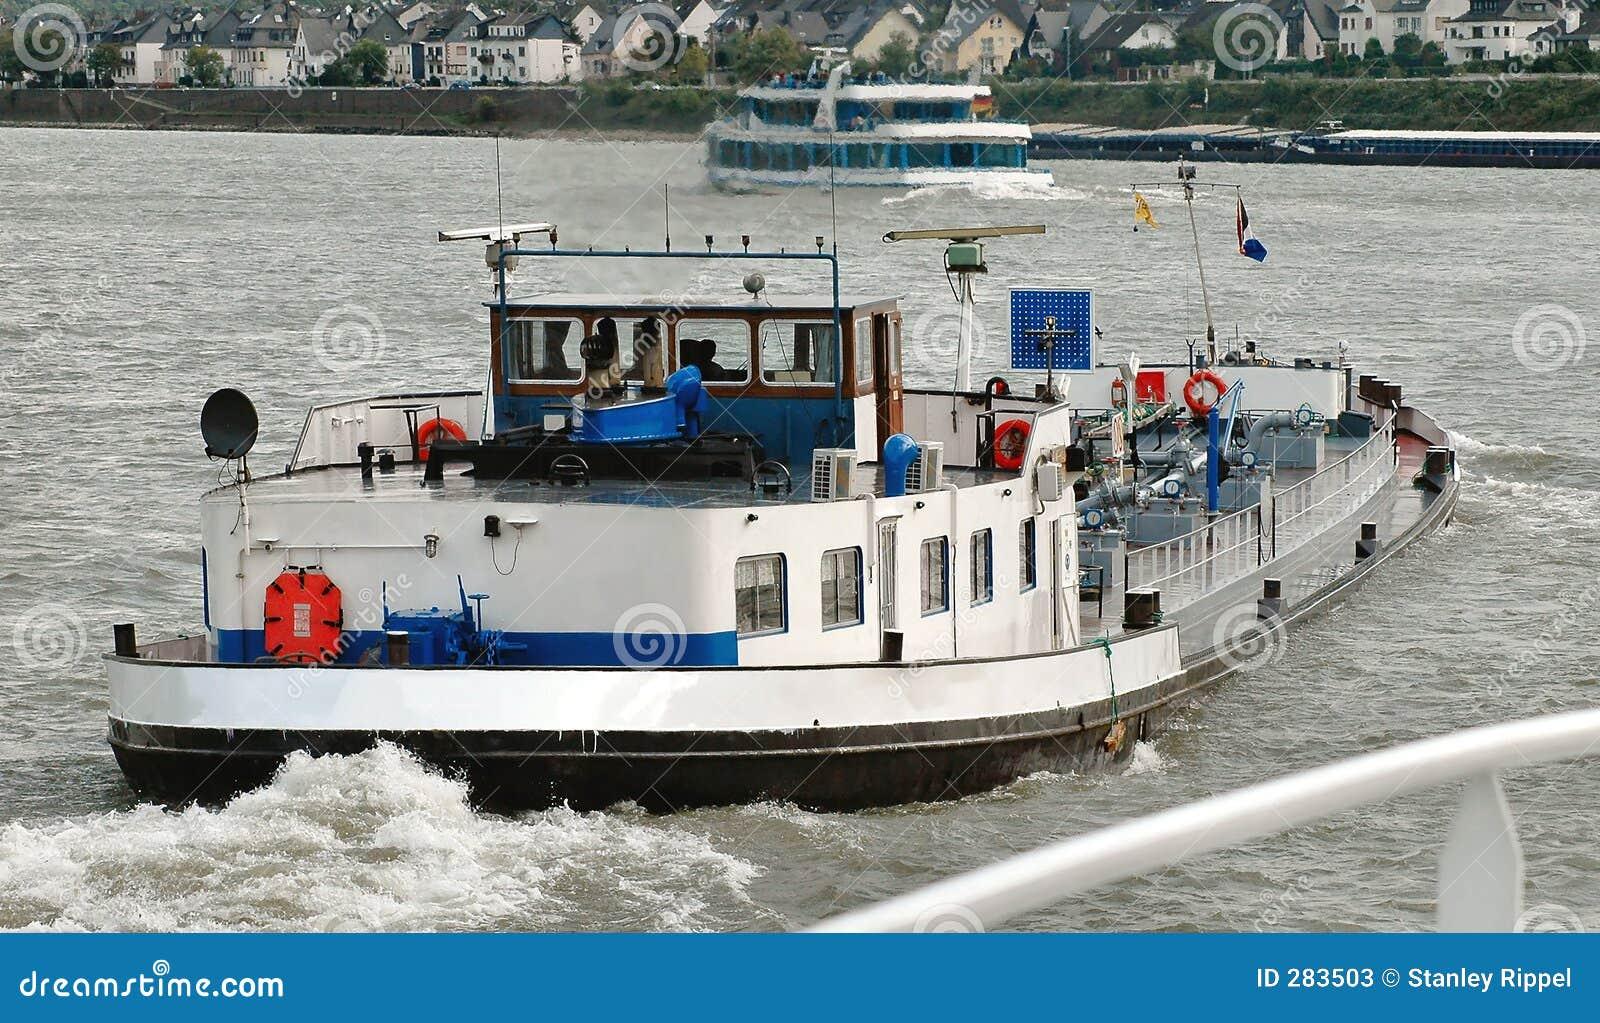 De boten van de aak en van de reis op de Rivier van Moezel in Duitsland